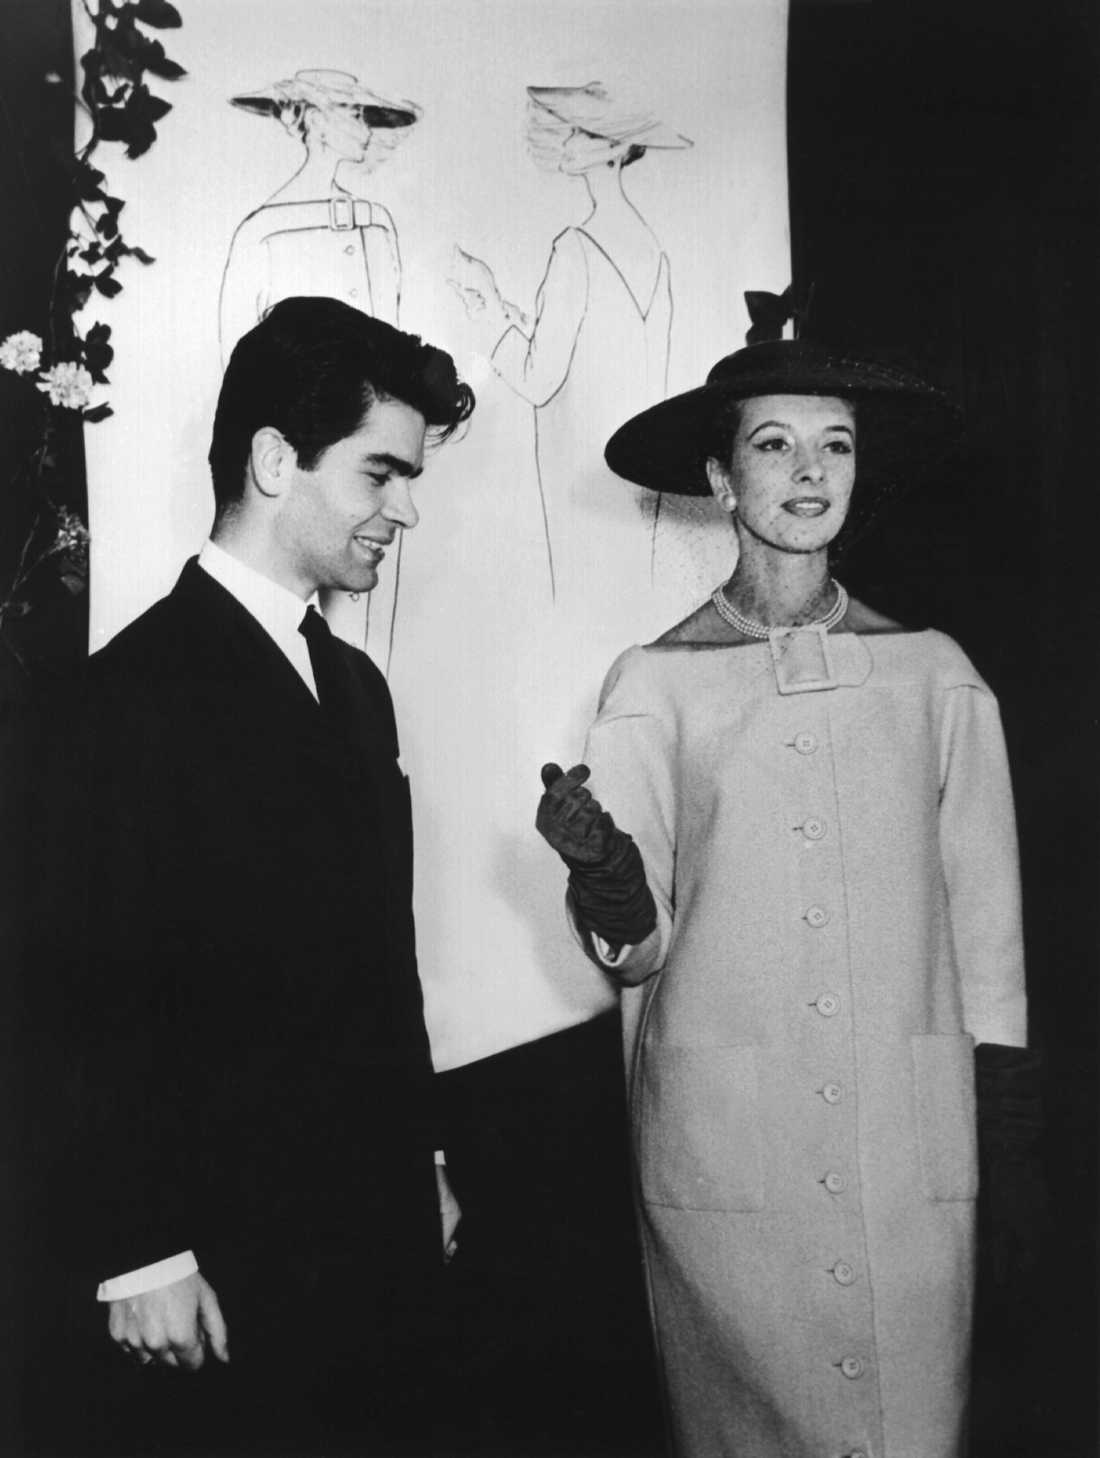 Karl Lagerfeld med en okänd modell 1953 i Tyskland.